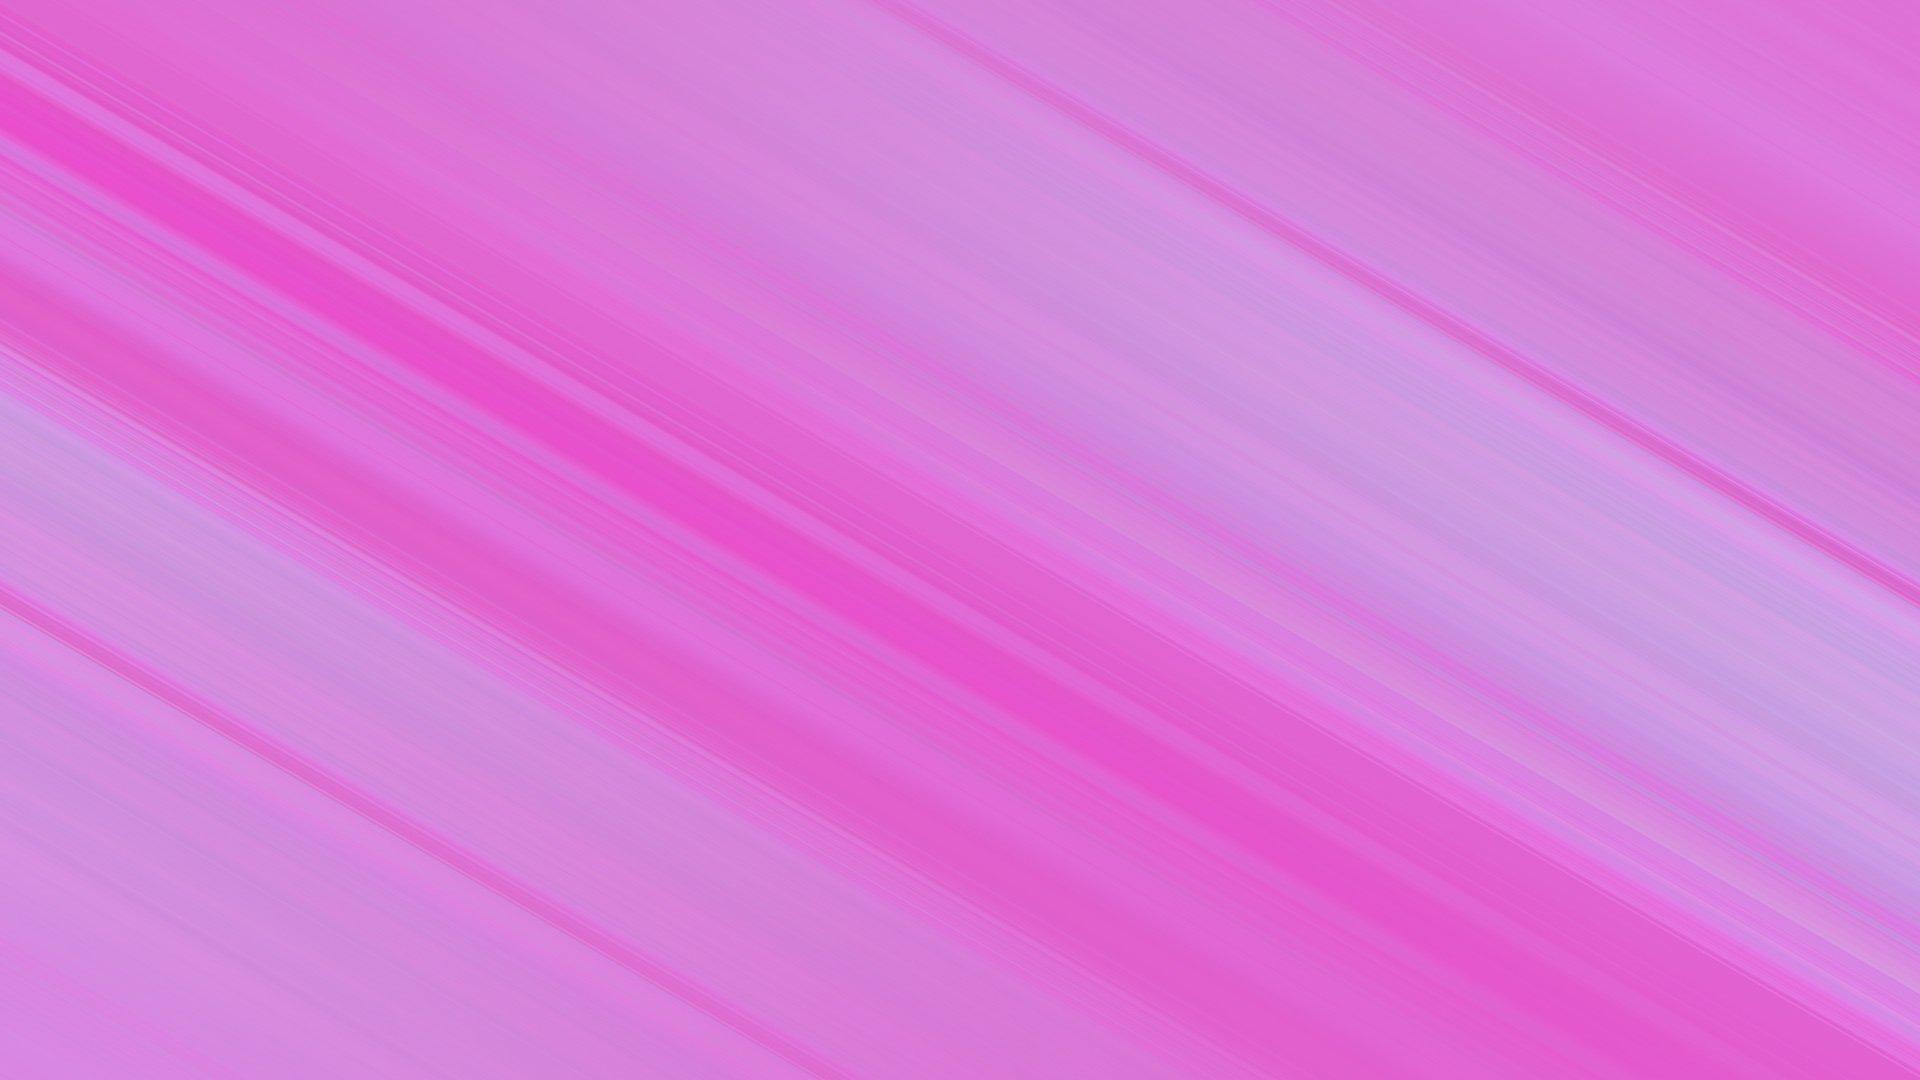 Pastel Gradient Background Hd Wallpaper Hintergrund